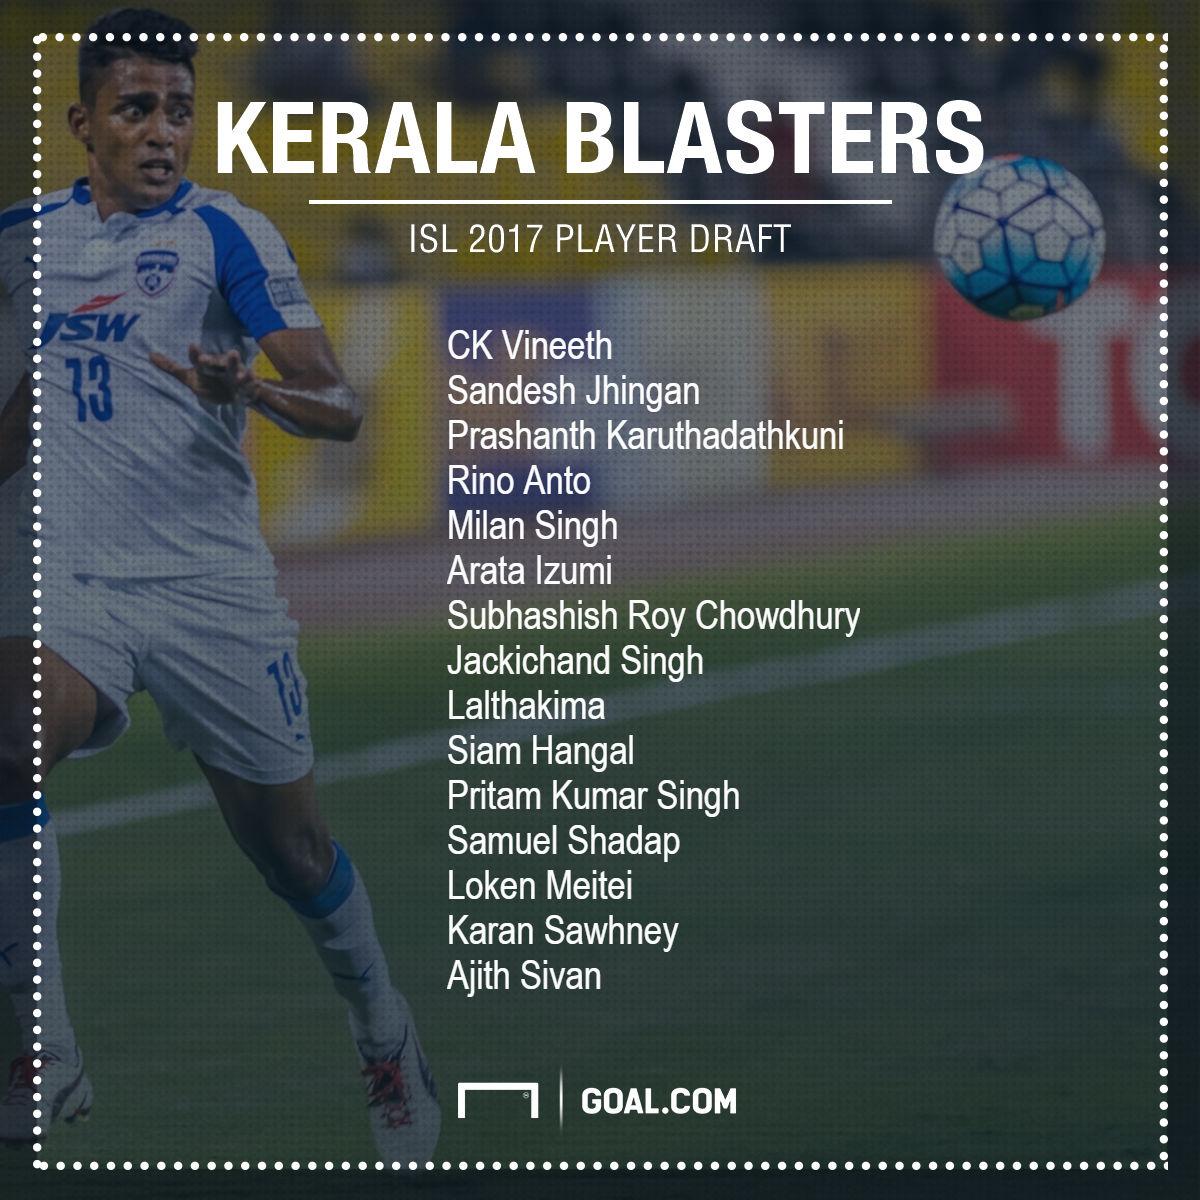 Kerala Blasters ISL 2017 Draft